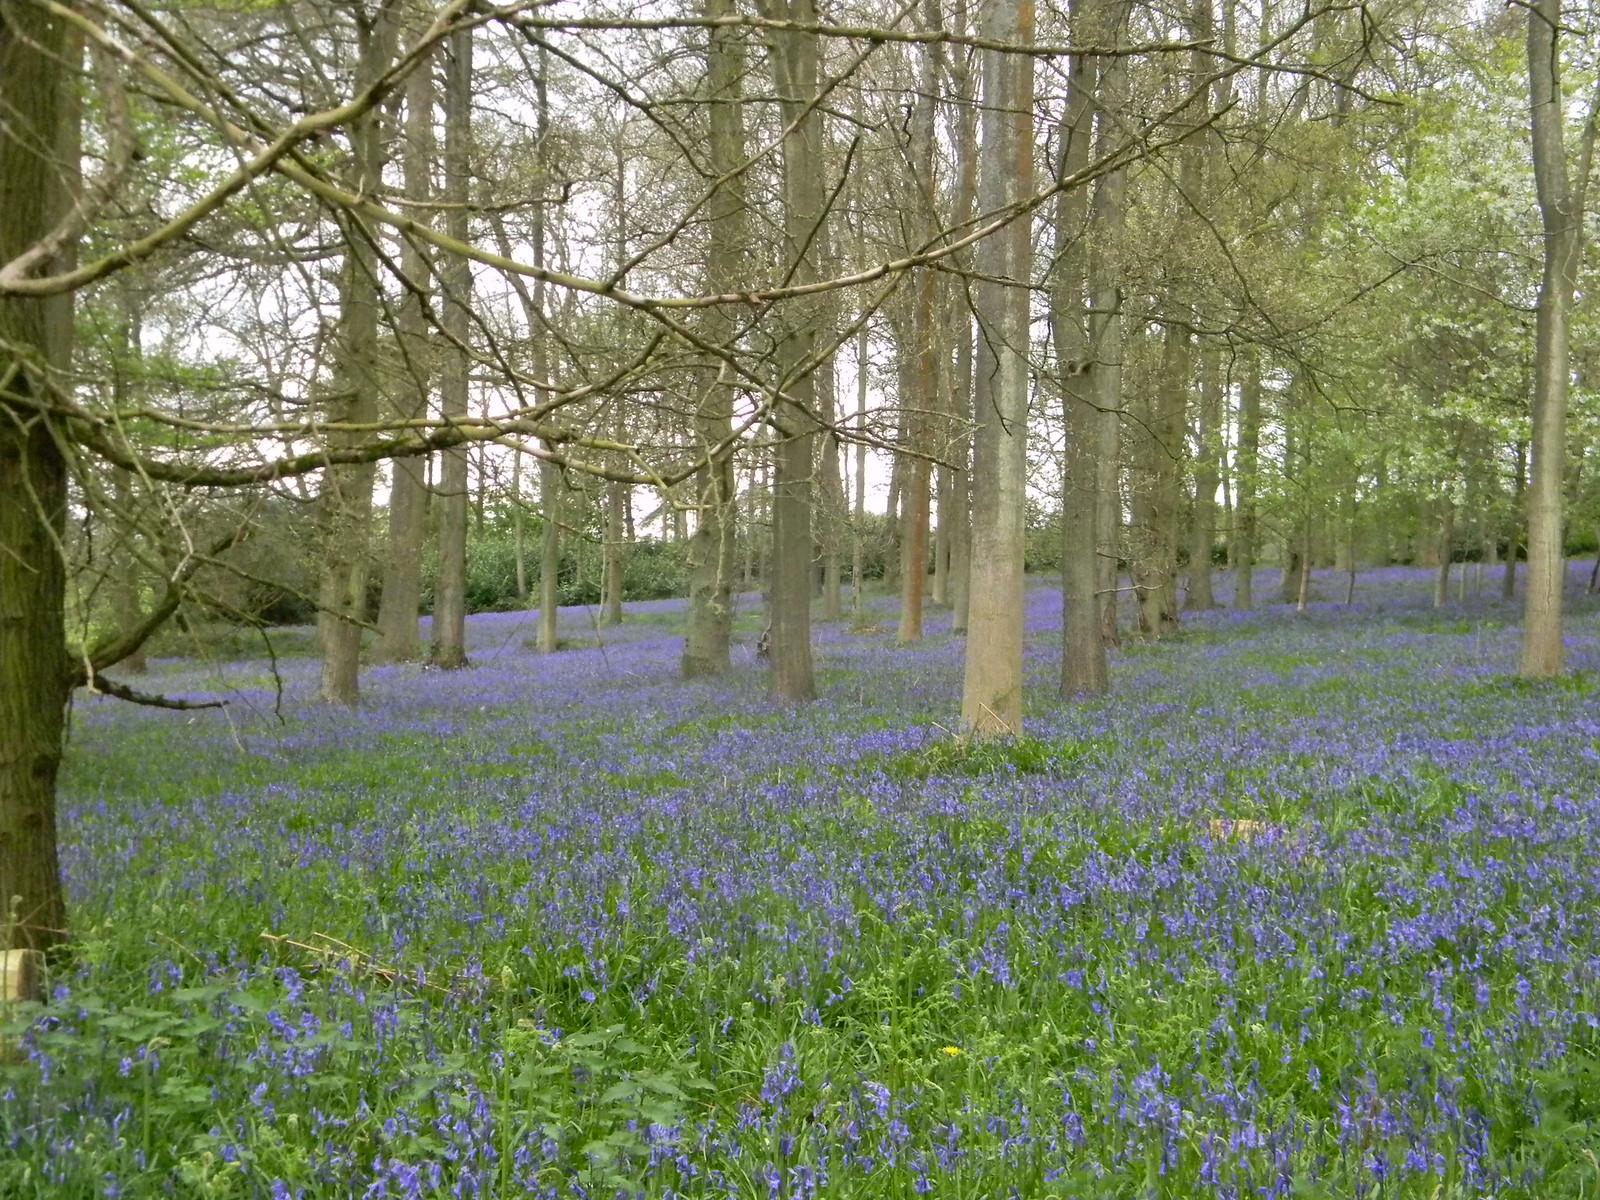 Bluebells, Bluebell Woods Shiplake to Henley